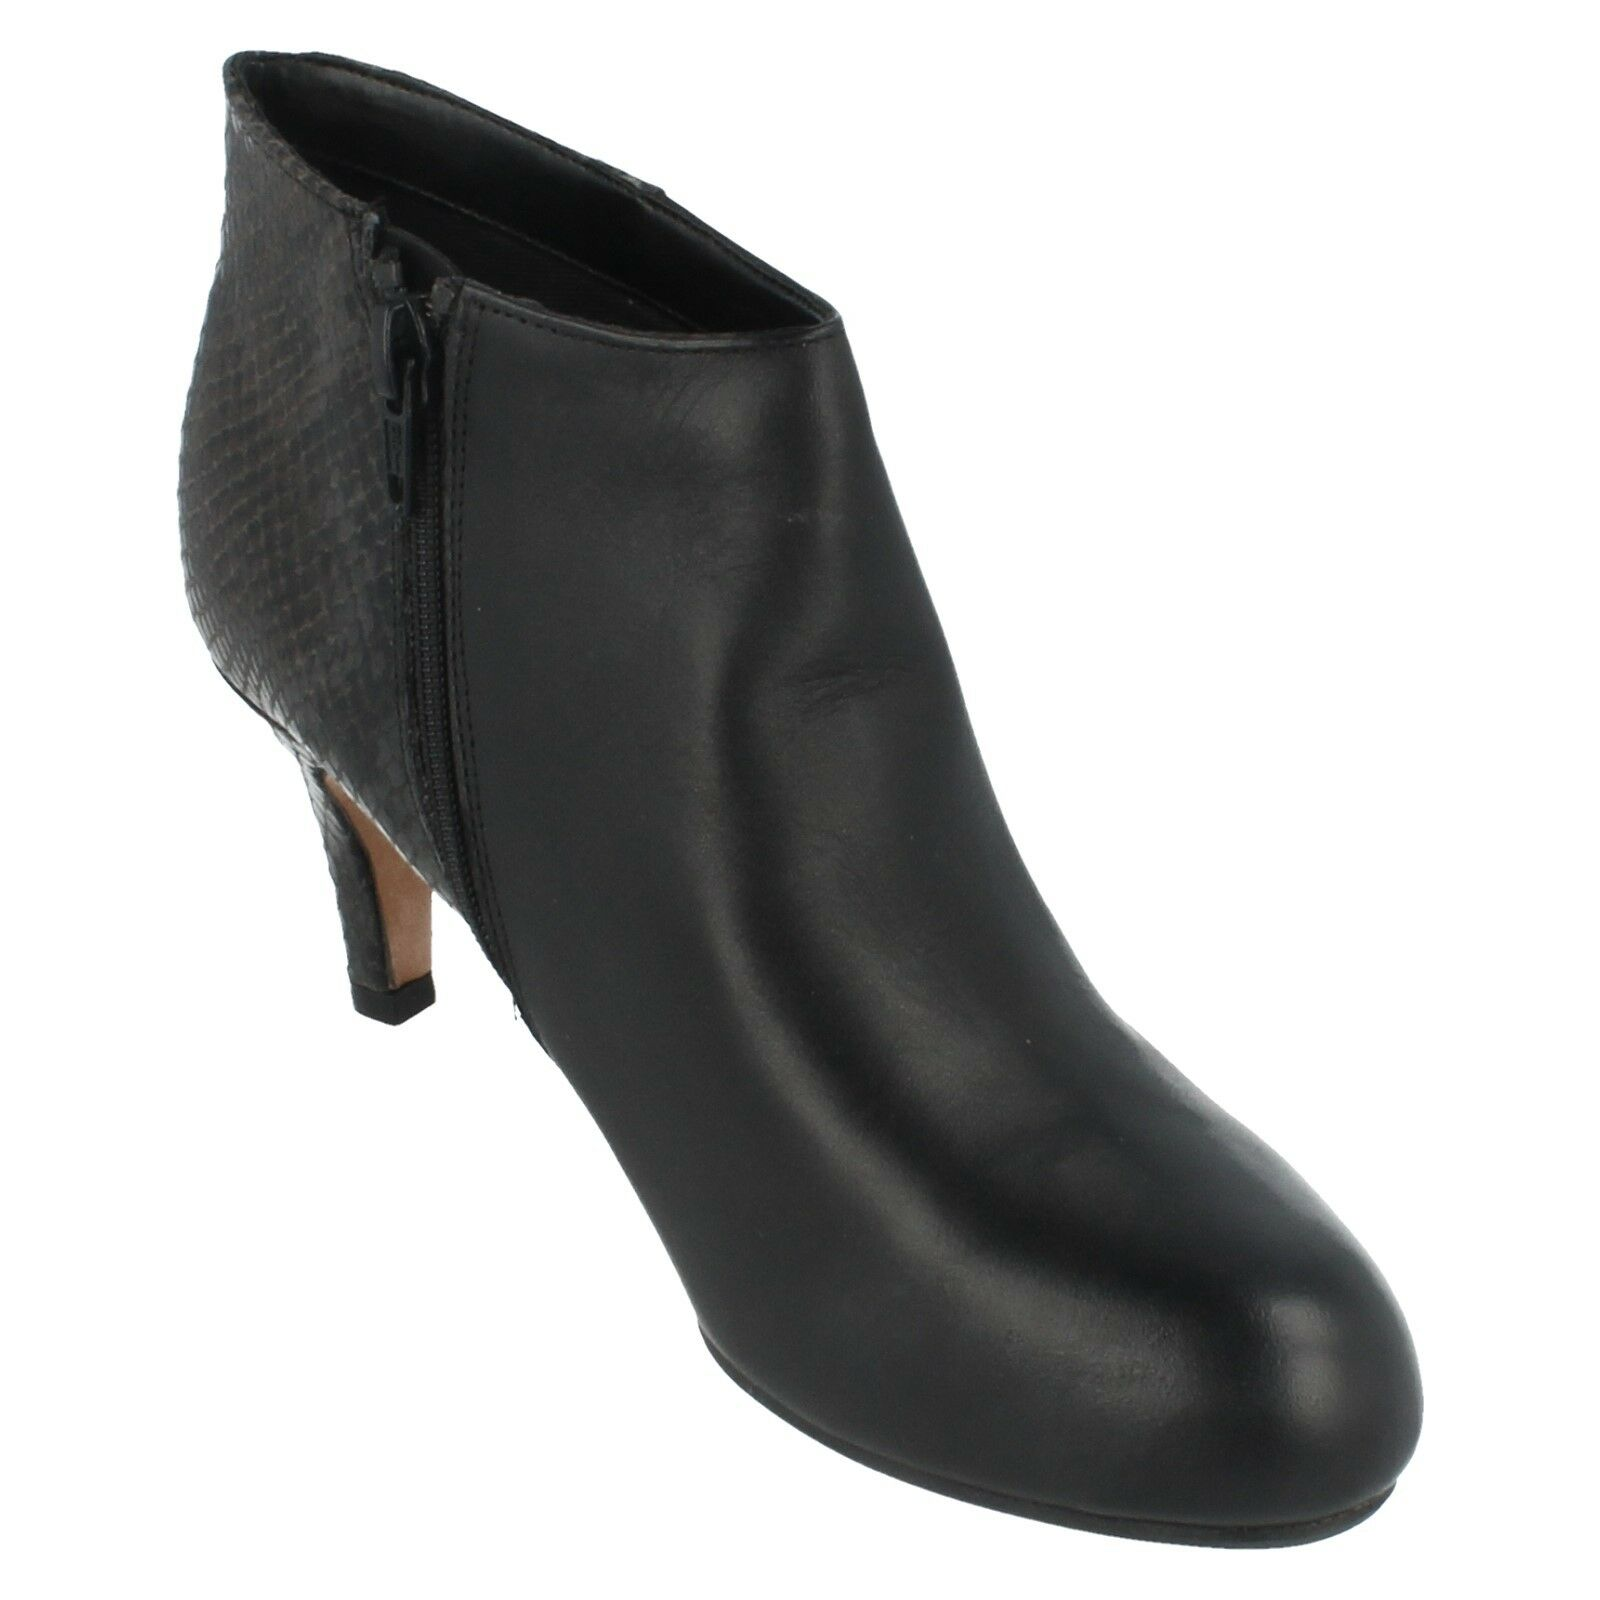 Damen Arista flirt4 Hose Stiefel D Fassung von Clarks